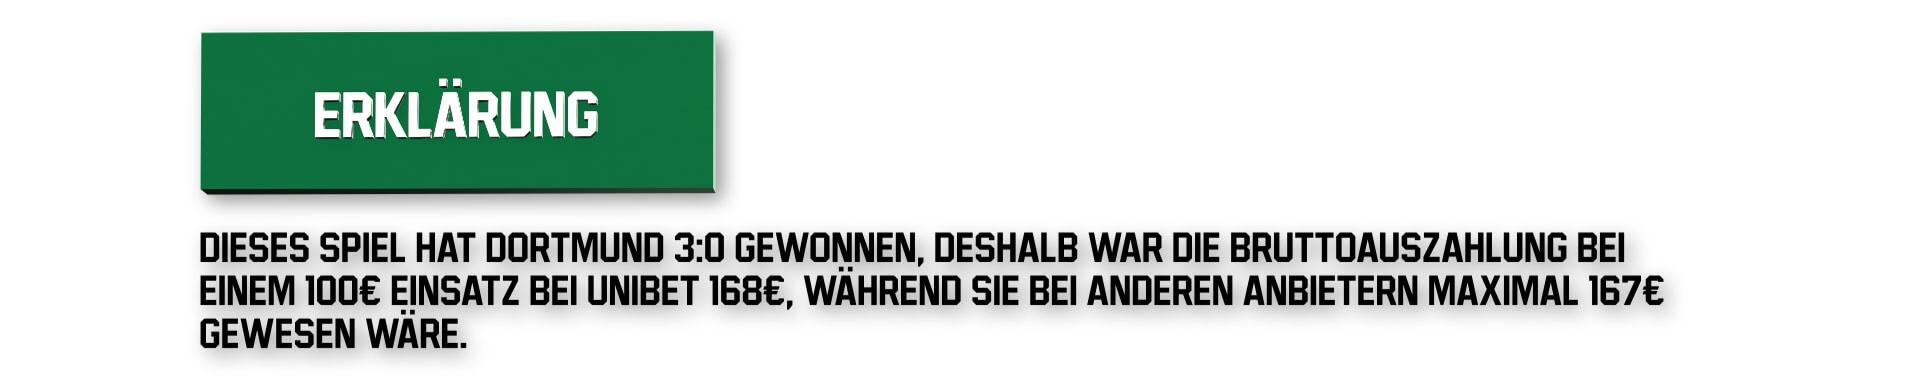 einzelwette_description